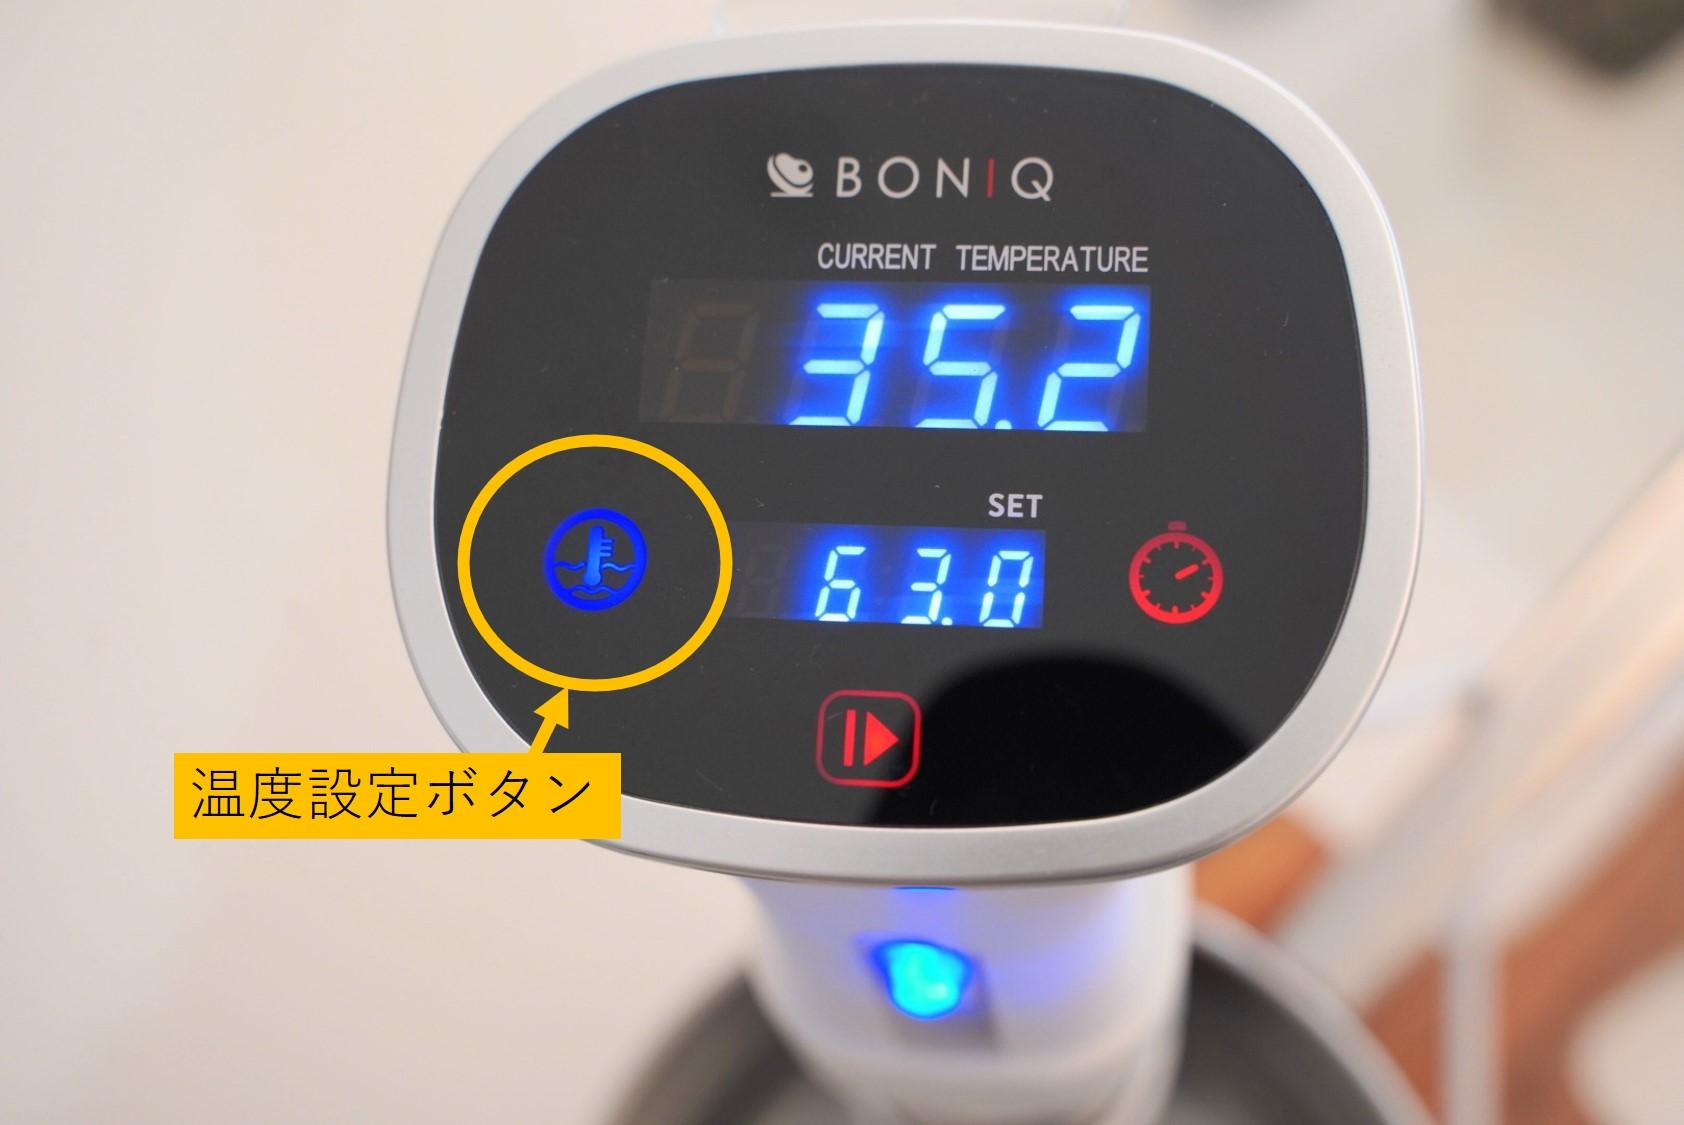 ボニークの温度設定ボタン